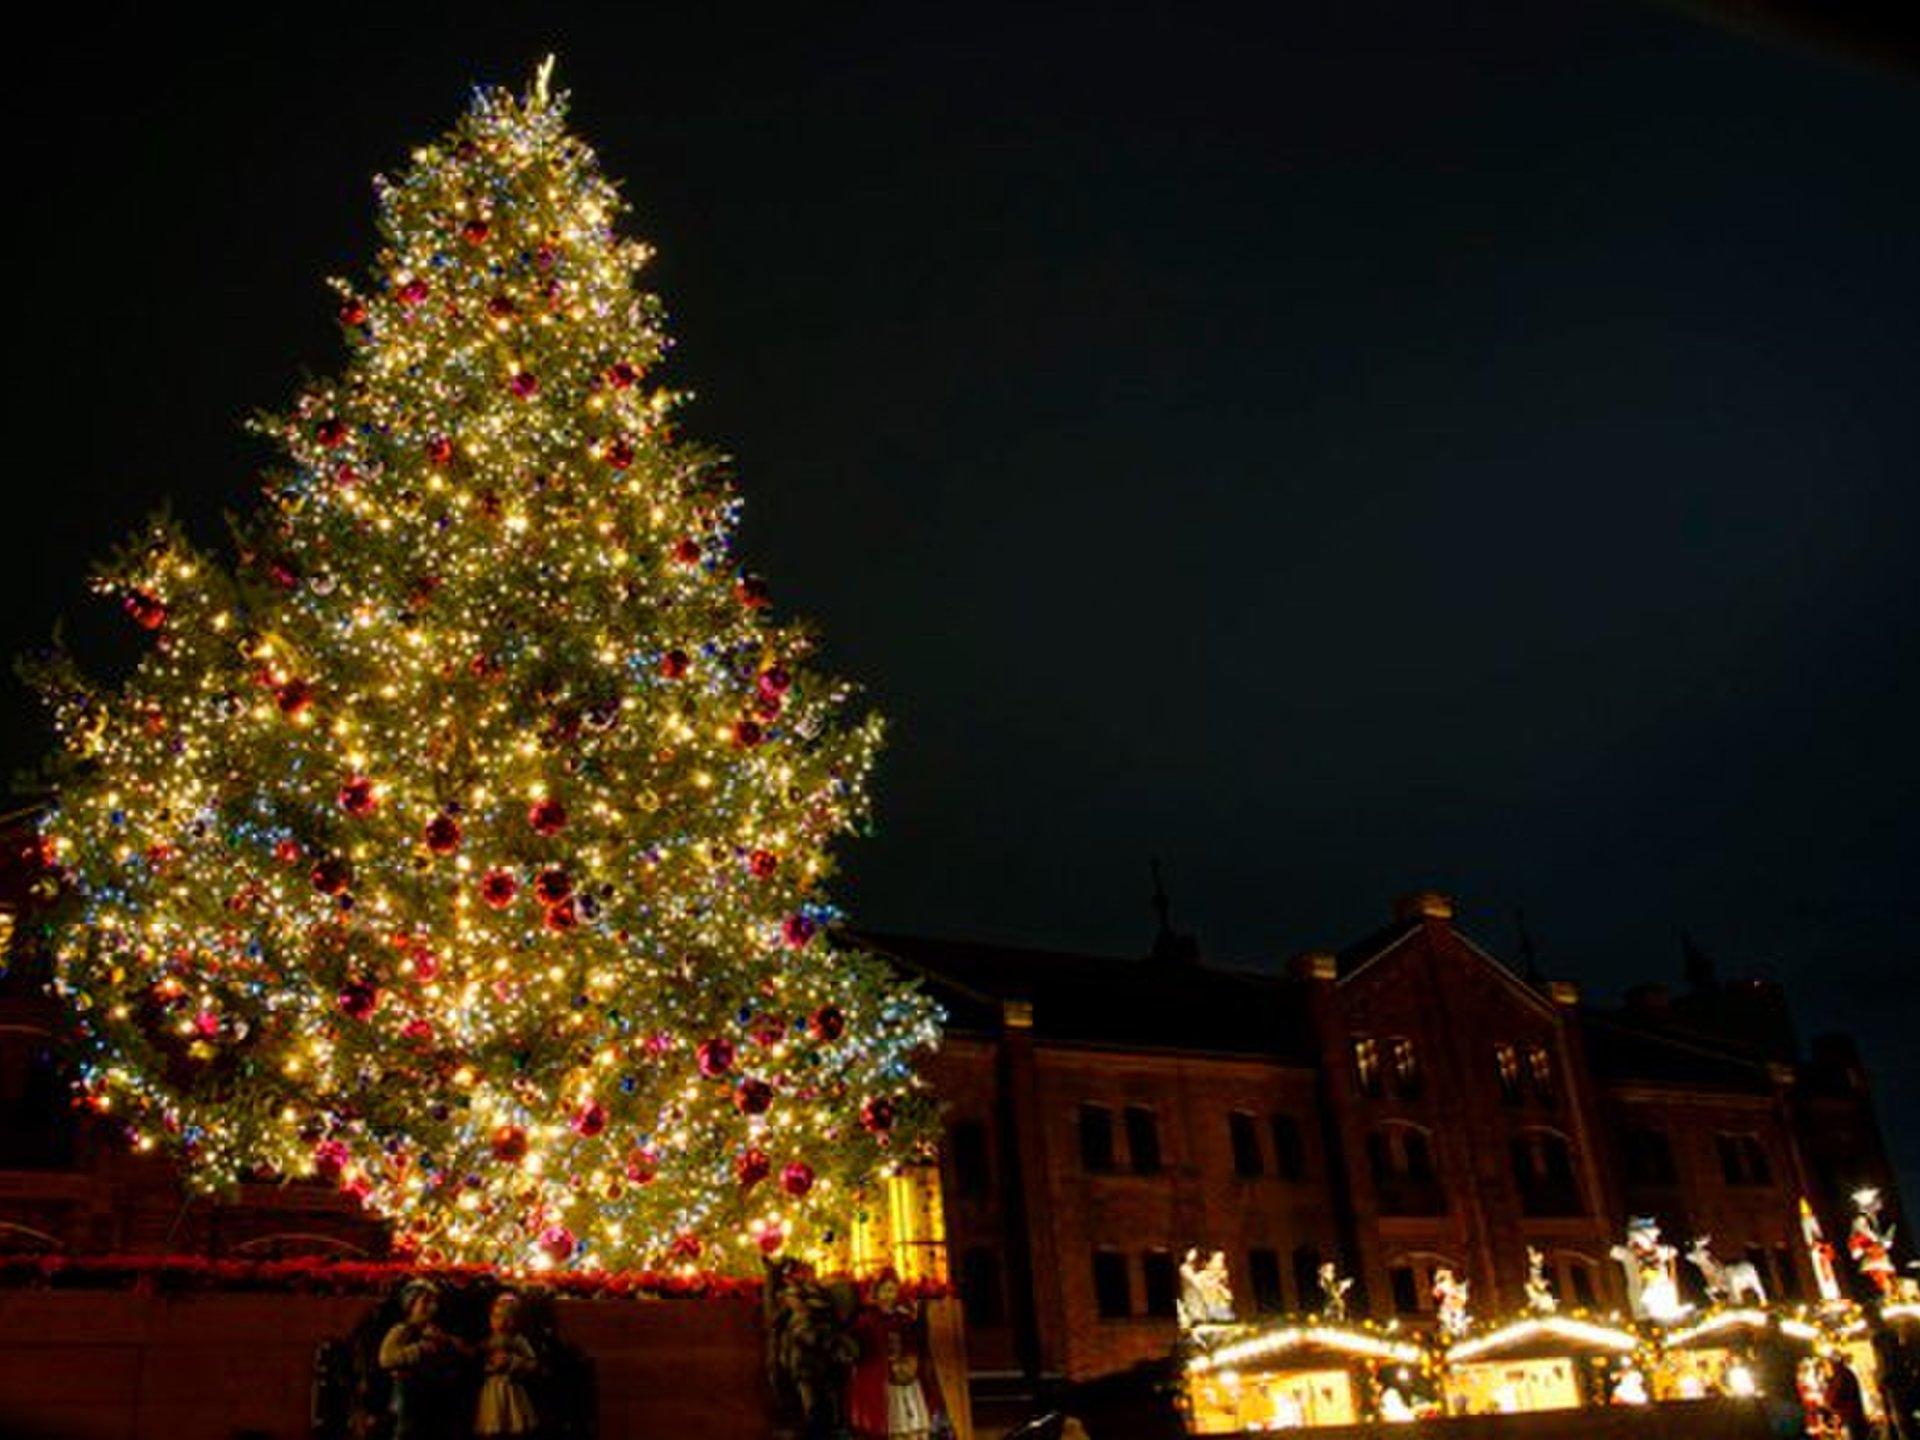 好きな人と行きたいデートスポット!「横浜赤レンガ倉庫」巨大ツリーとクリスマスマーケット♪